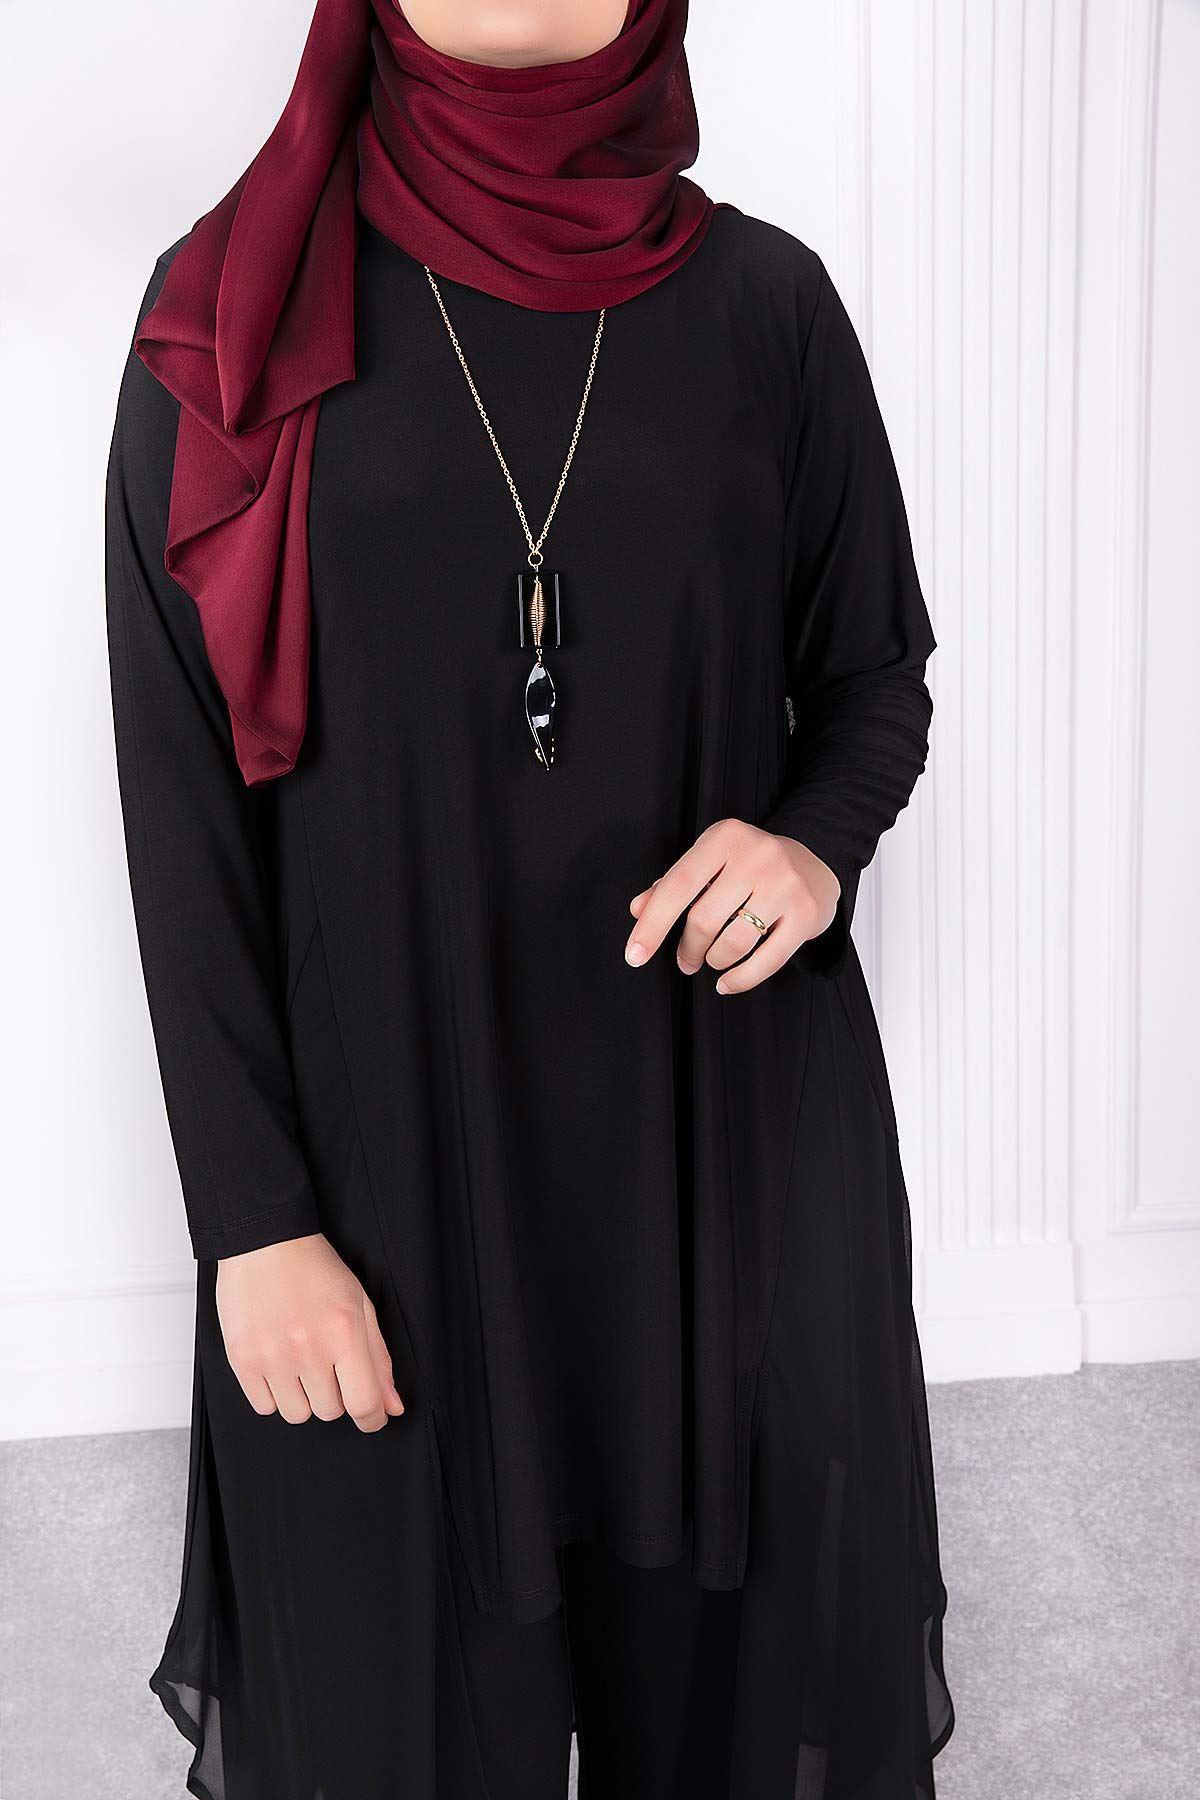 Alin Pantolonlu Takım Siyah 35009